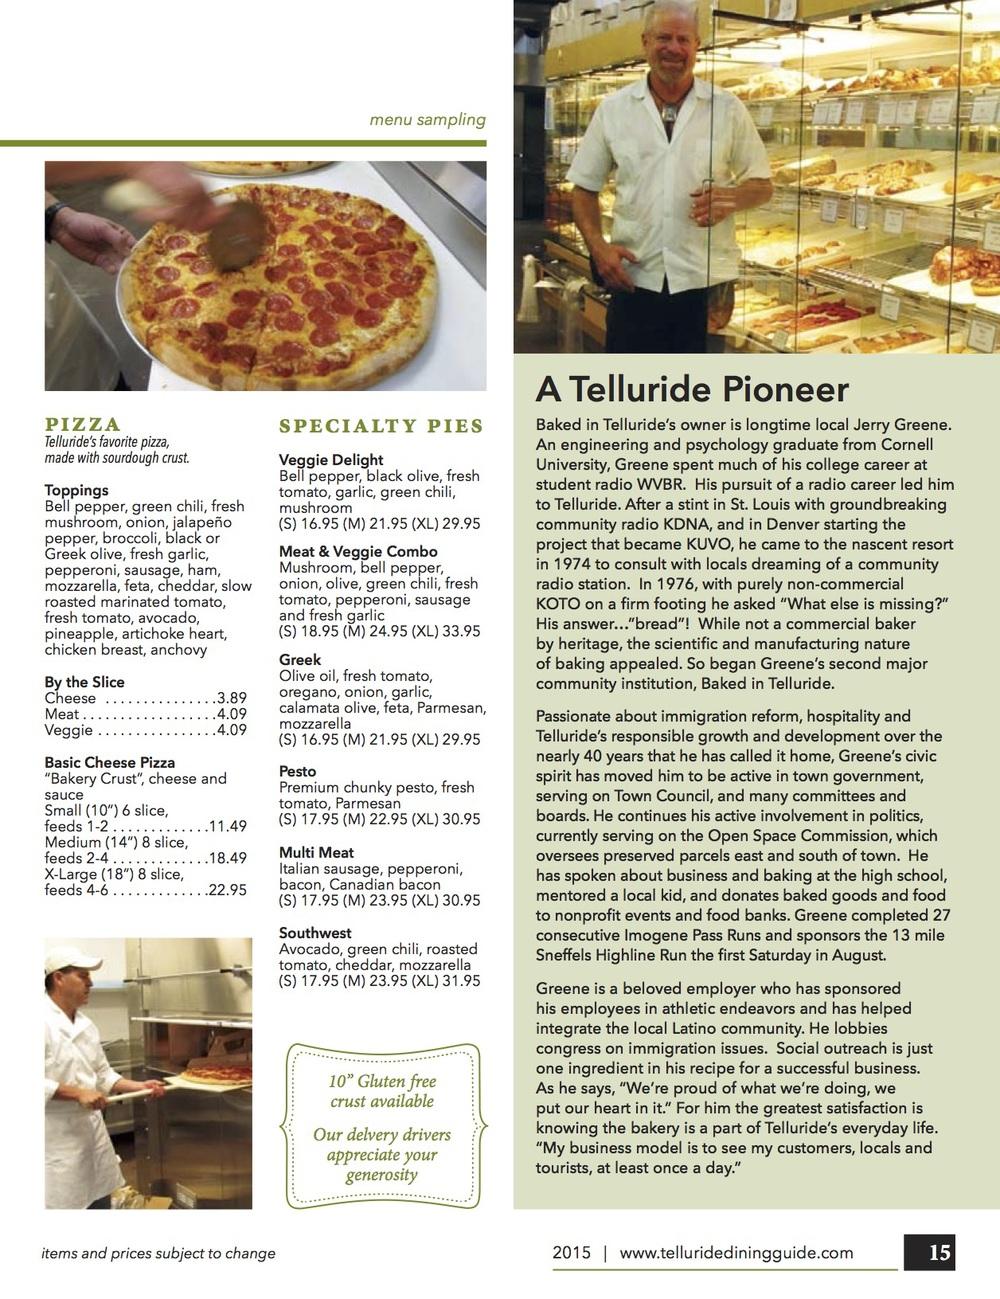 dining guide 2014-2015 2.jpg